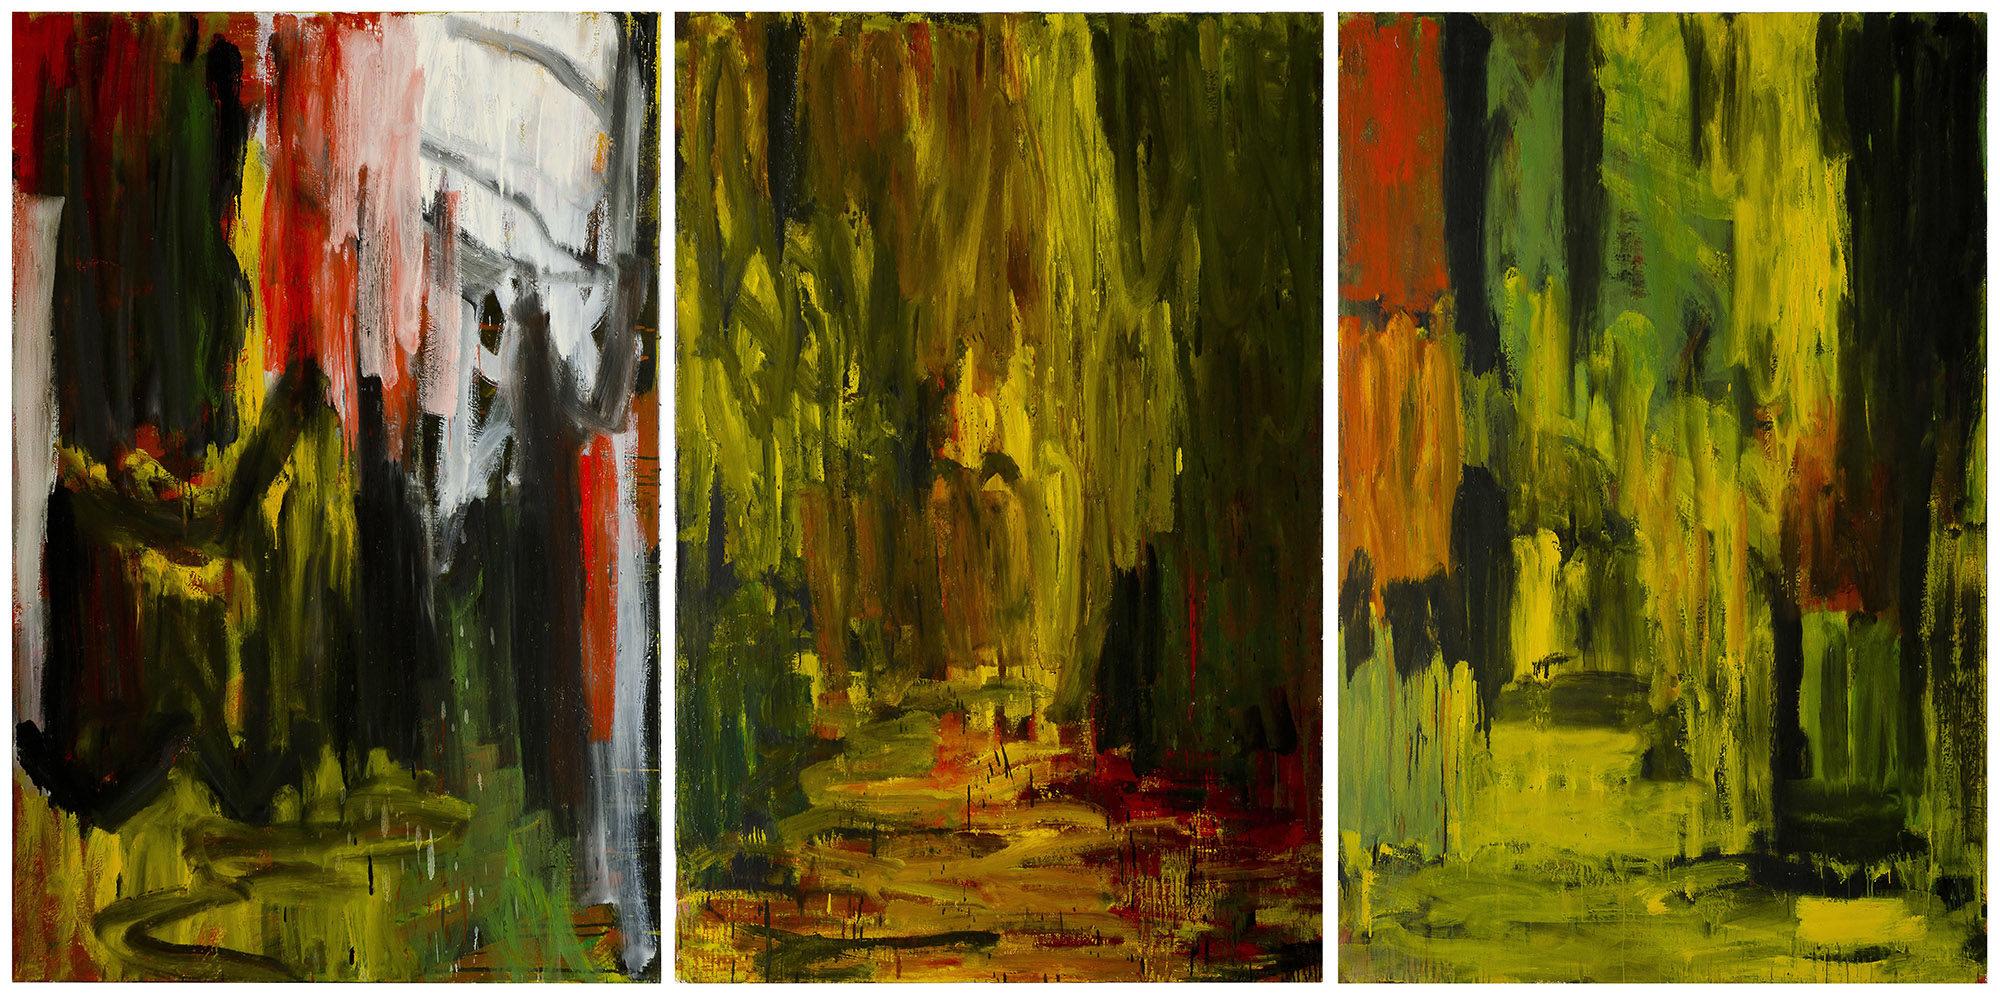 Marrakech, les souks, tryptique, 2005, huile sur toile,195 x390 cm. (Photo © A.Morain)